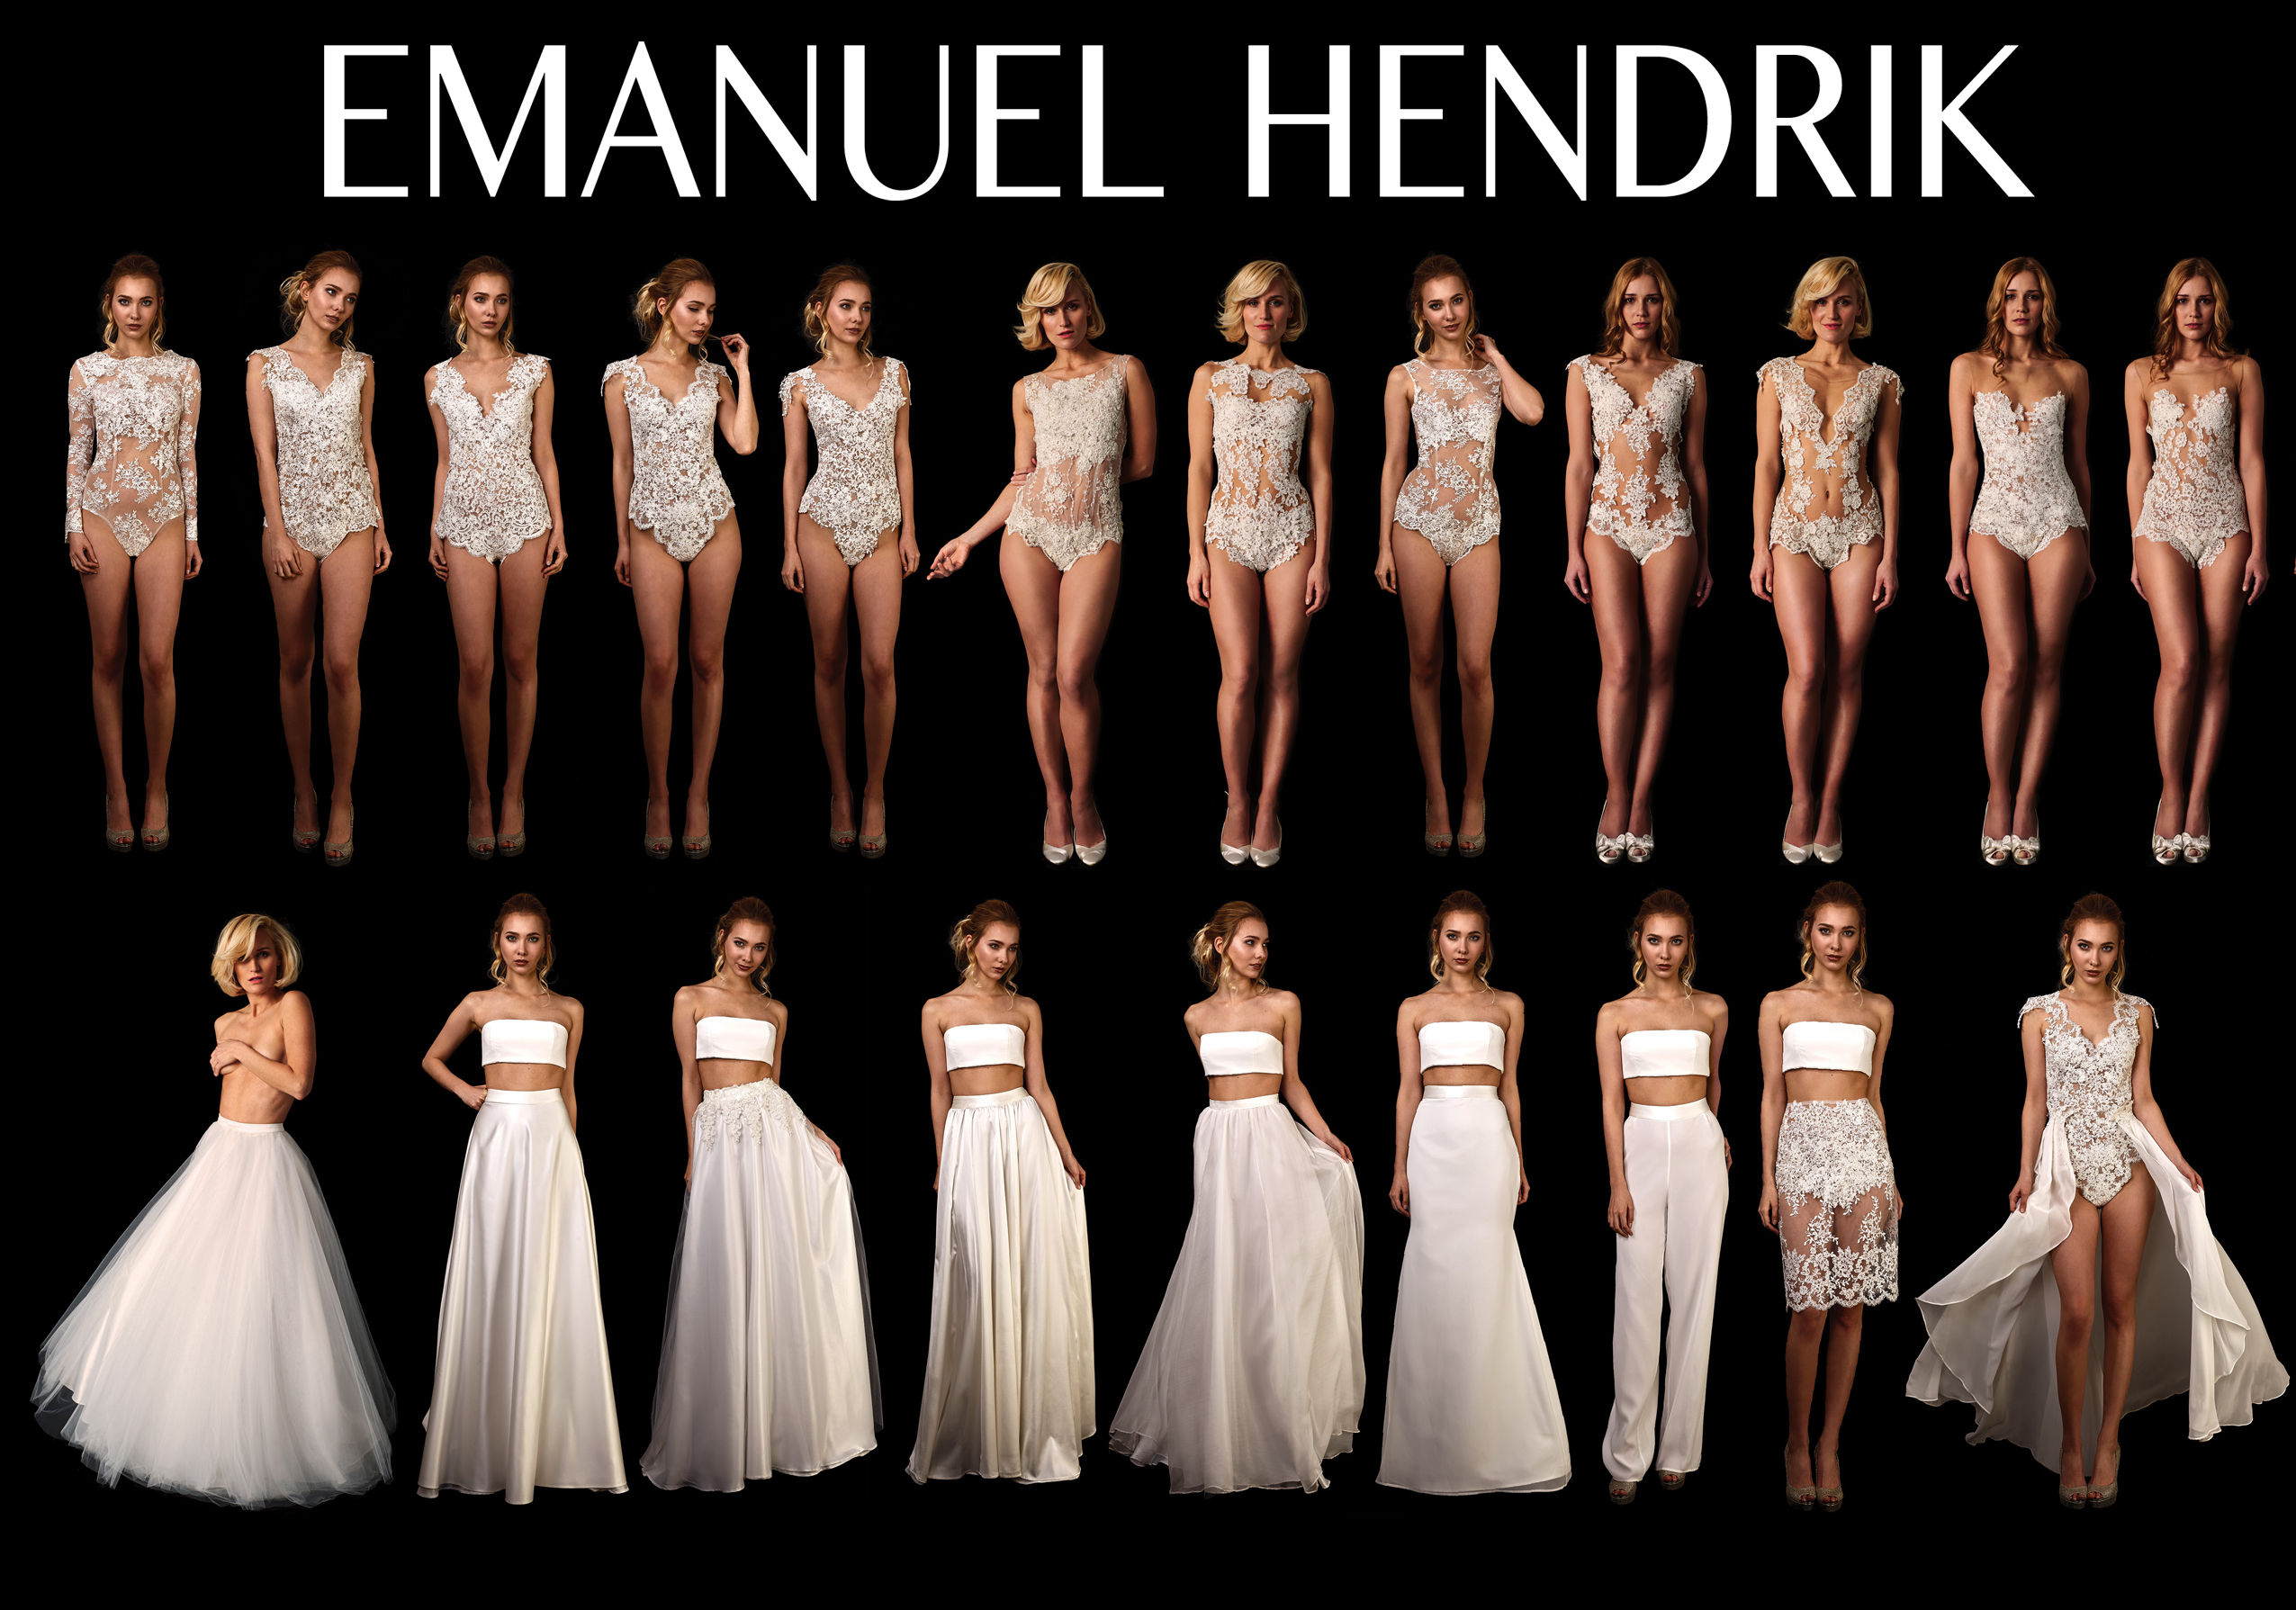 Emanuel Hendrik Design Dein Eigenes Brautkleid Mit Mix Match